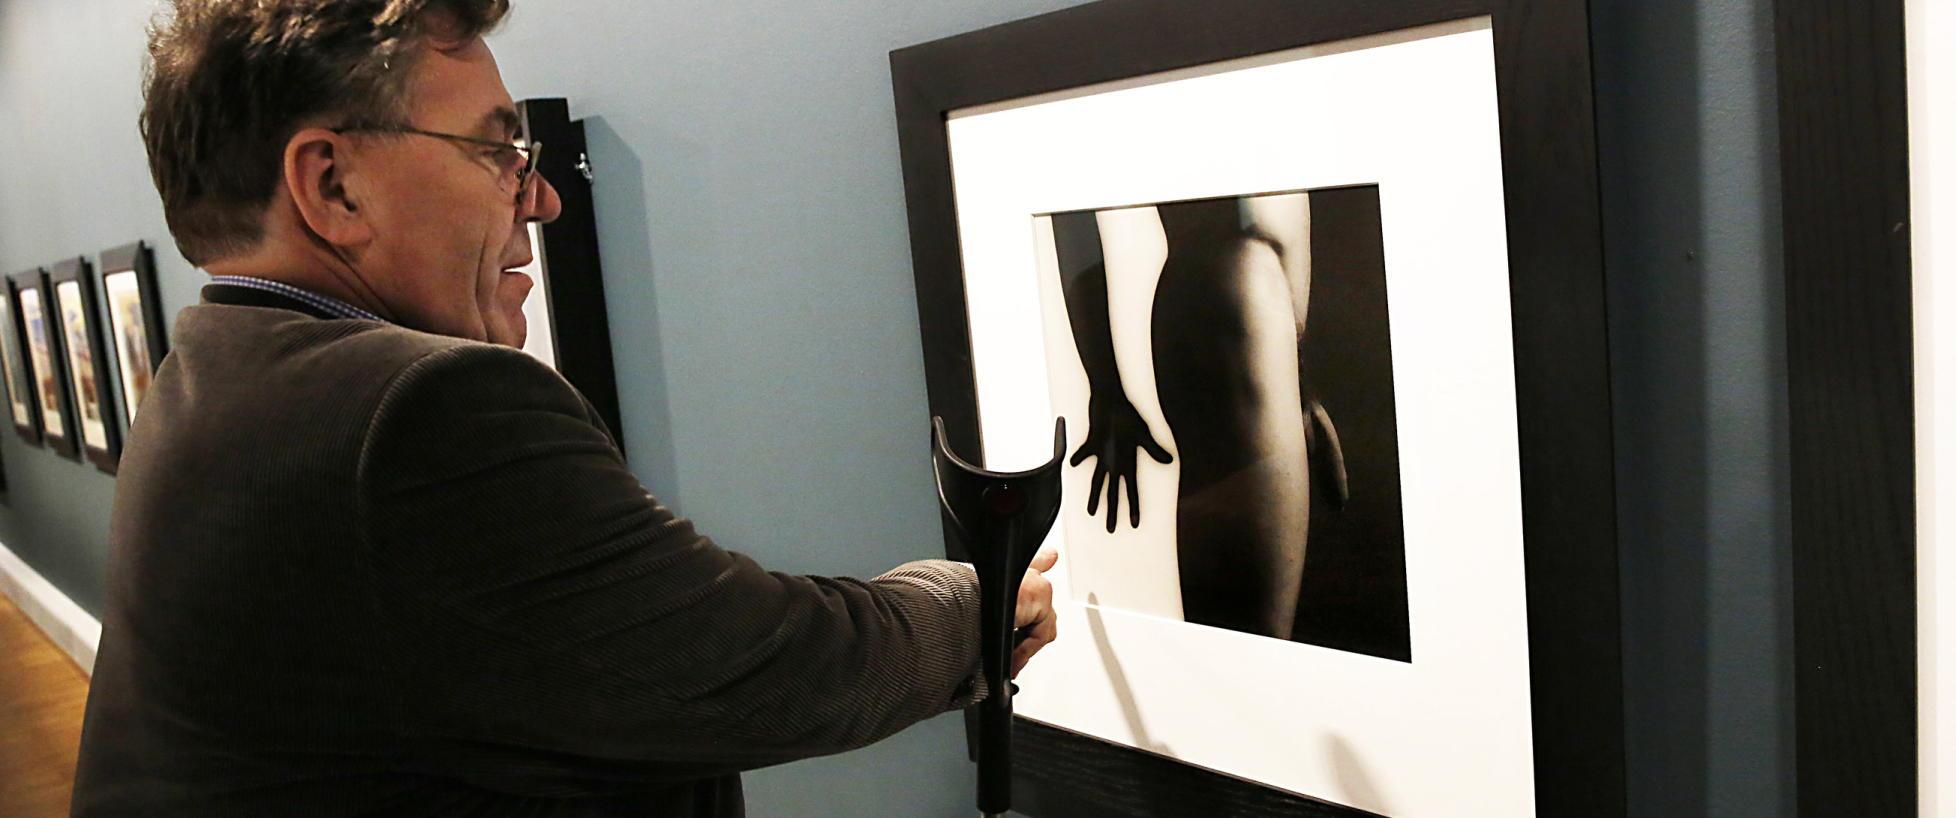 kontaktannonse nett erotisk kunst